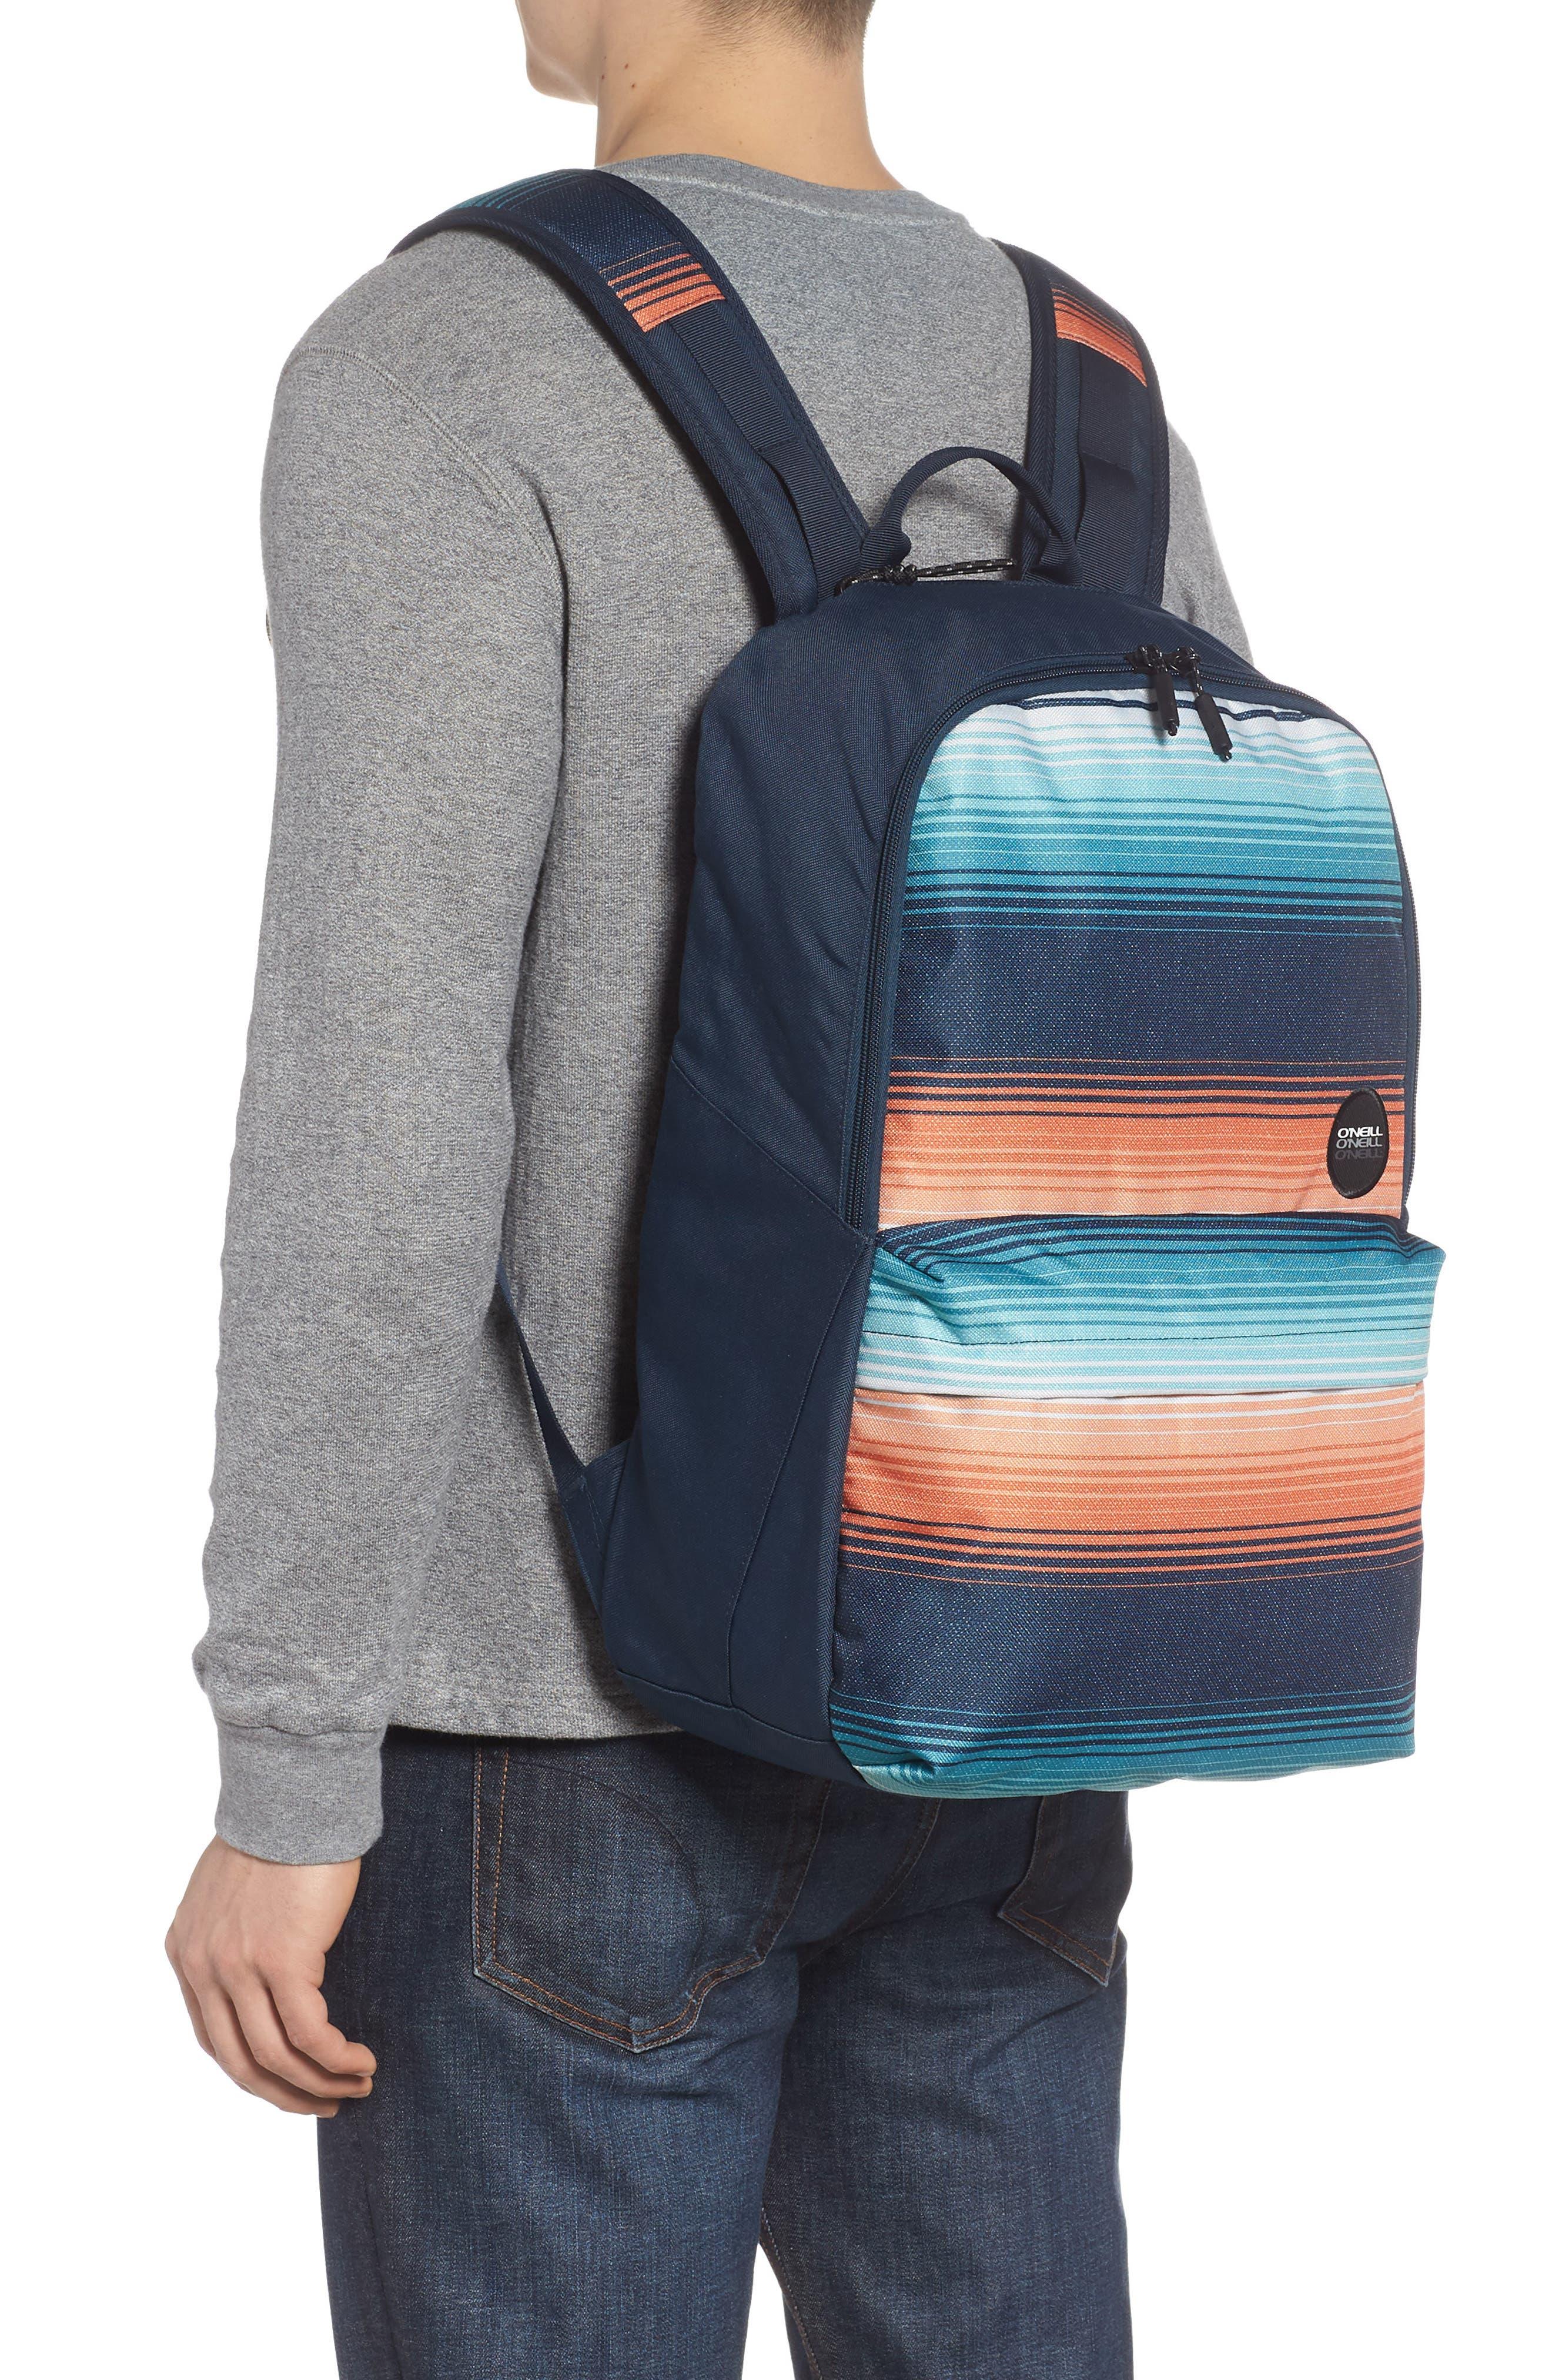 Transfer Backpack,                             Alternate thumbnail 2, color,                             NAVY